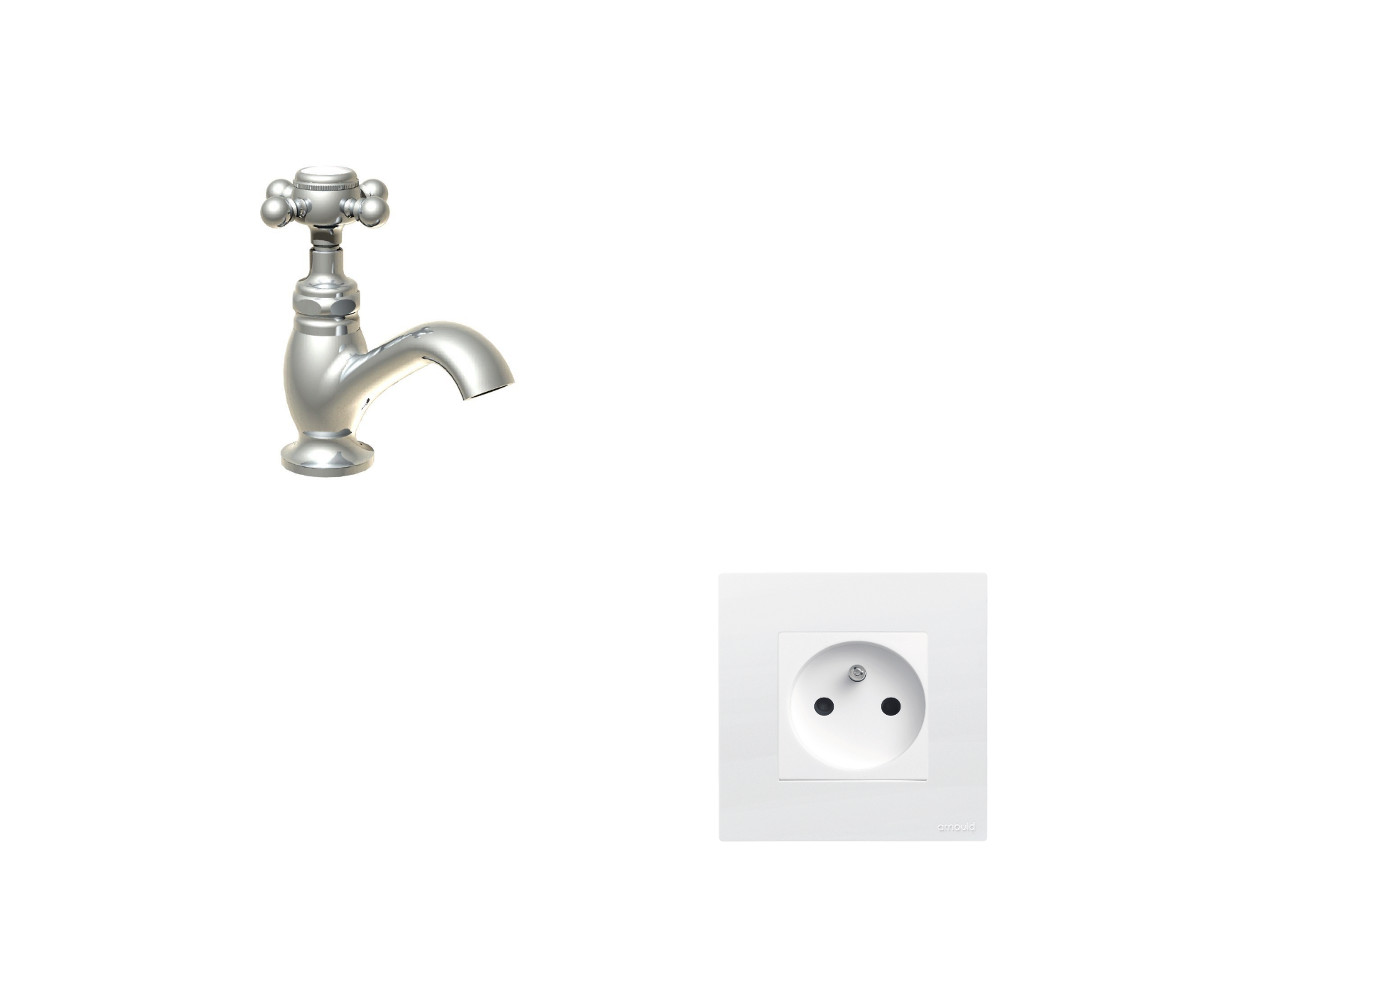 Où mettre prise dans salle de bain ?